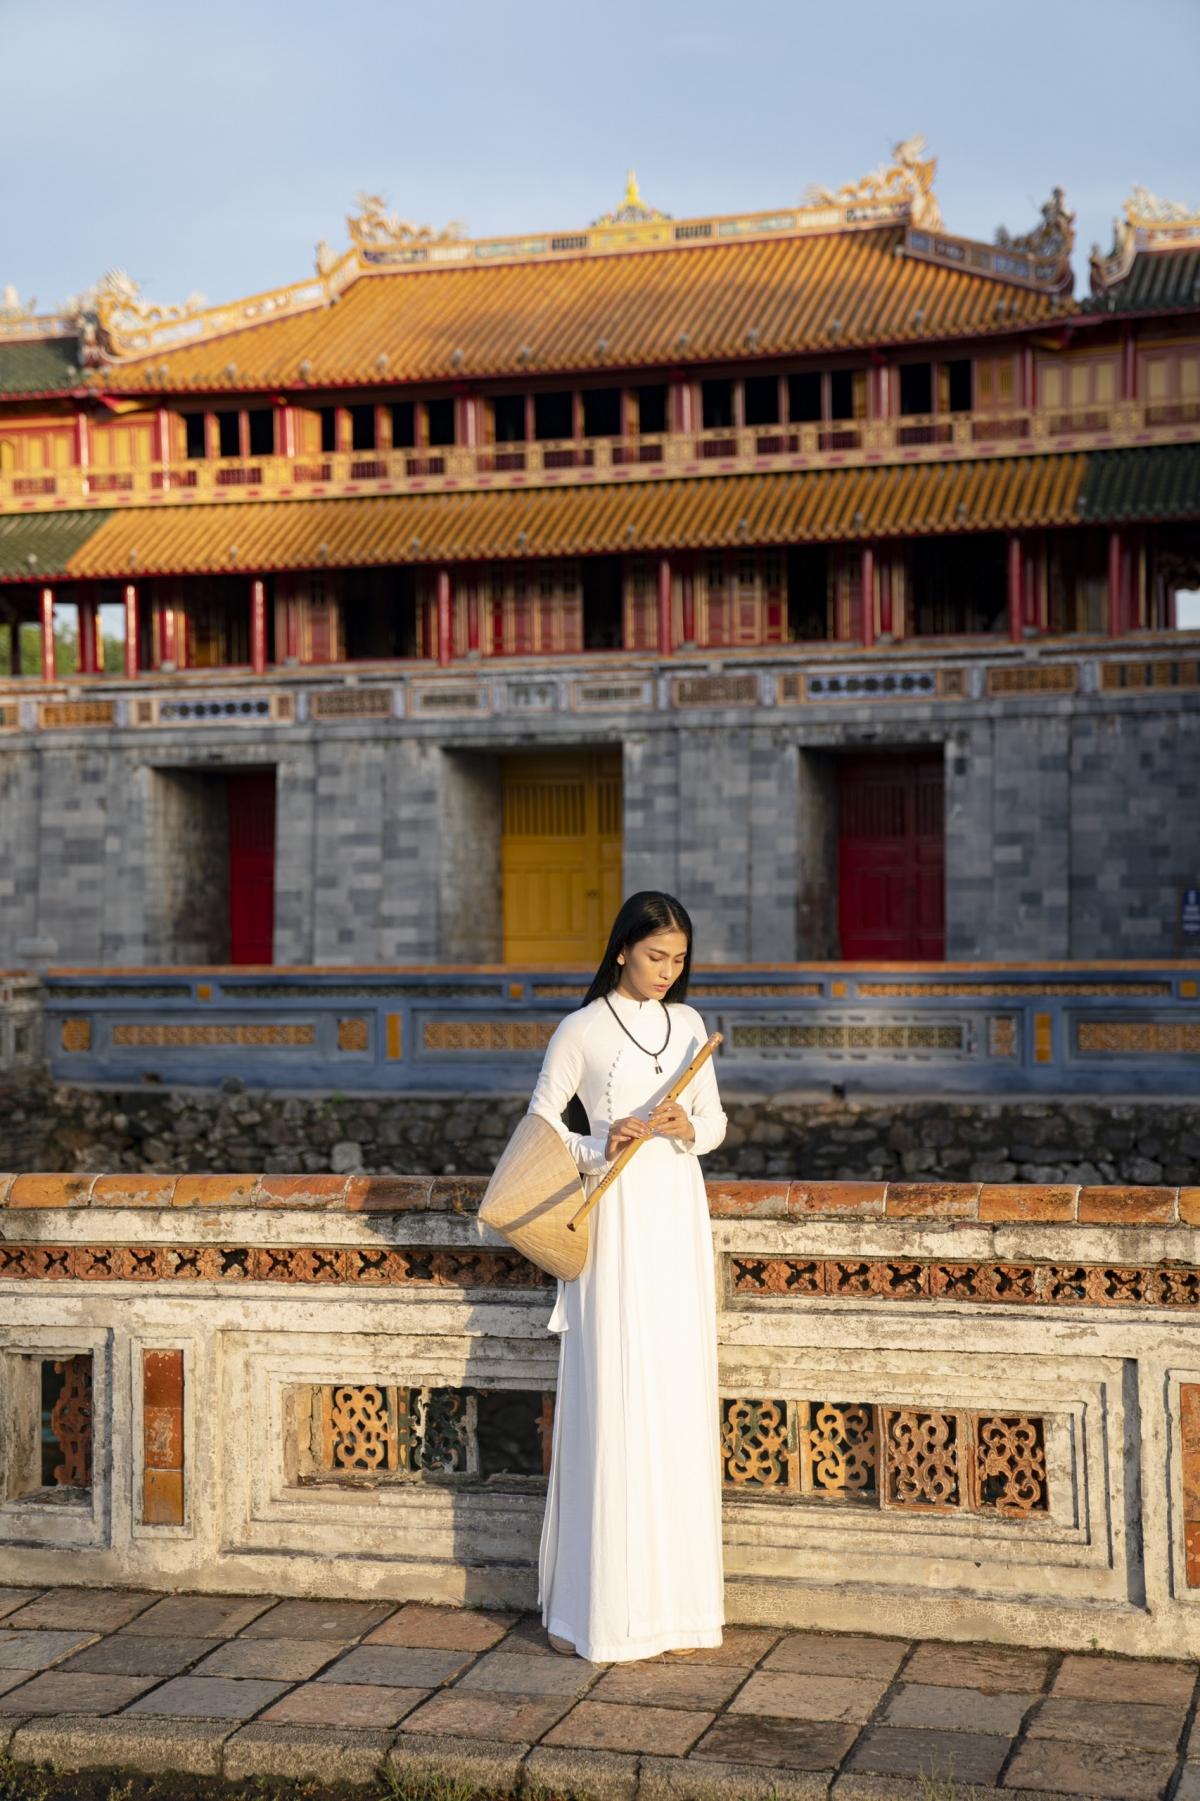 Mái tóc dài mượt mà xõa tự nhiên của cô cũng được nhiều người khen ngợi bởi sự thướt tha, đầm thắm…mang dáng dấp của người phụ nữ Việt xưa.